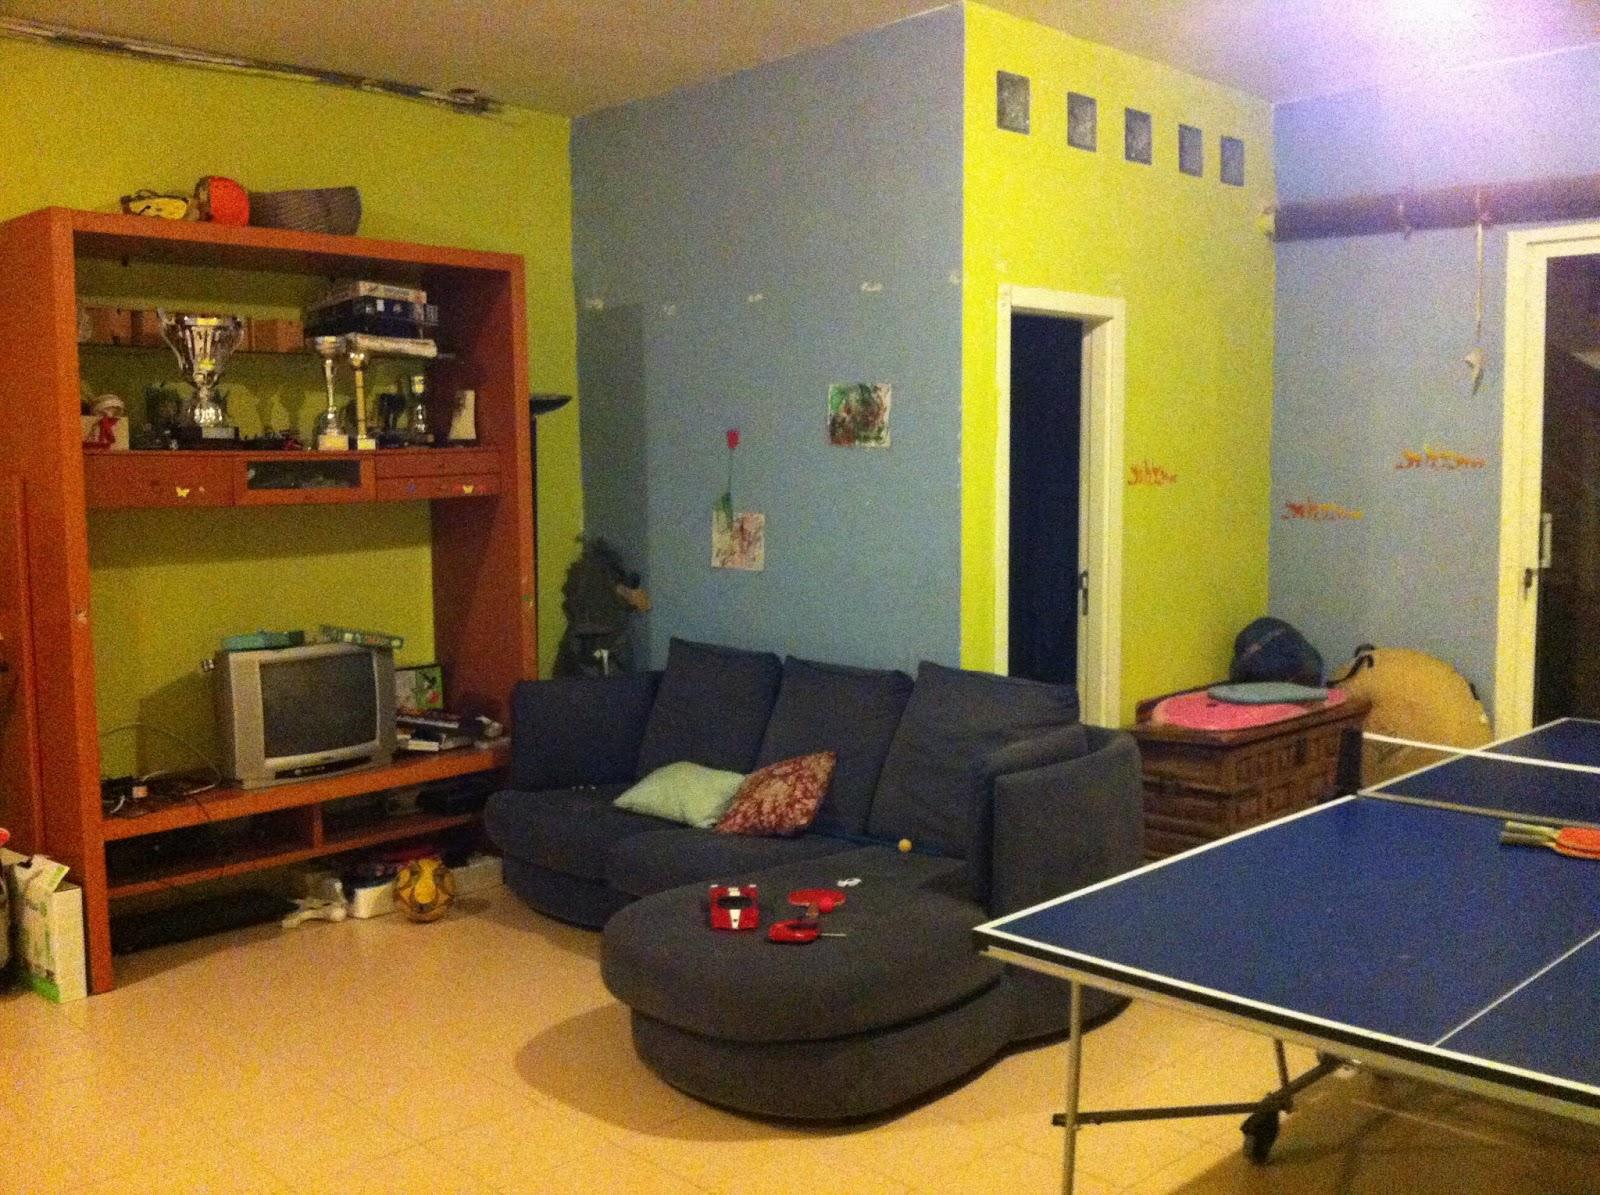 Tatiana doria cuarto de juegos for Juego de habitacion moderno